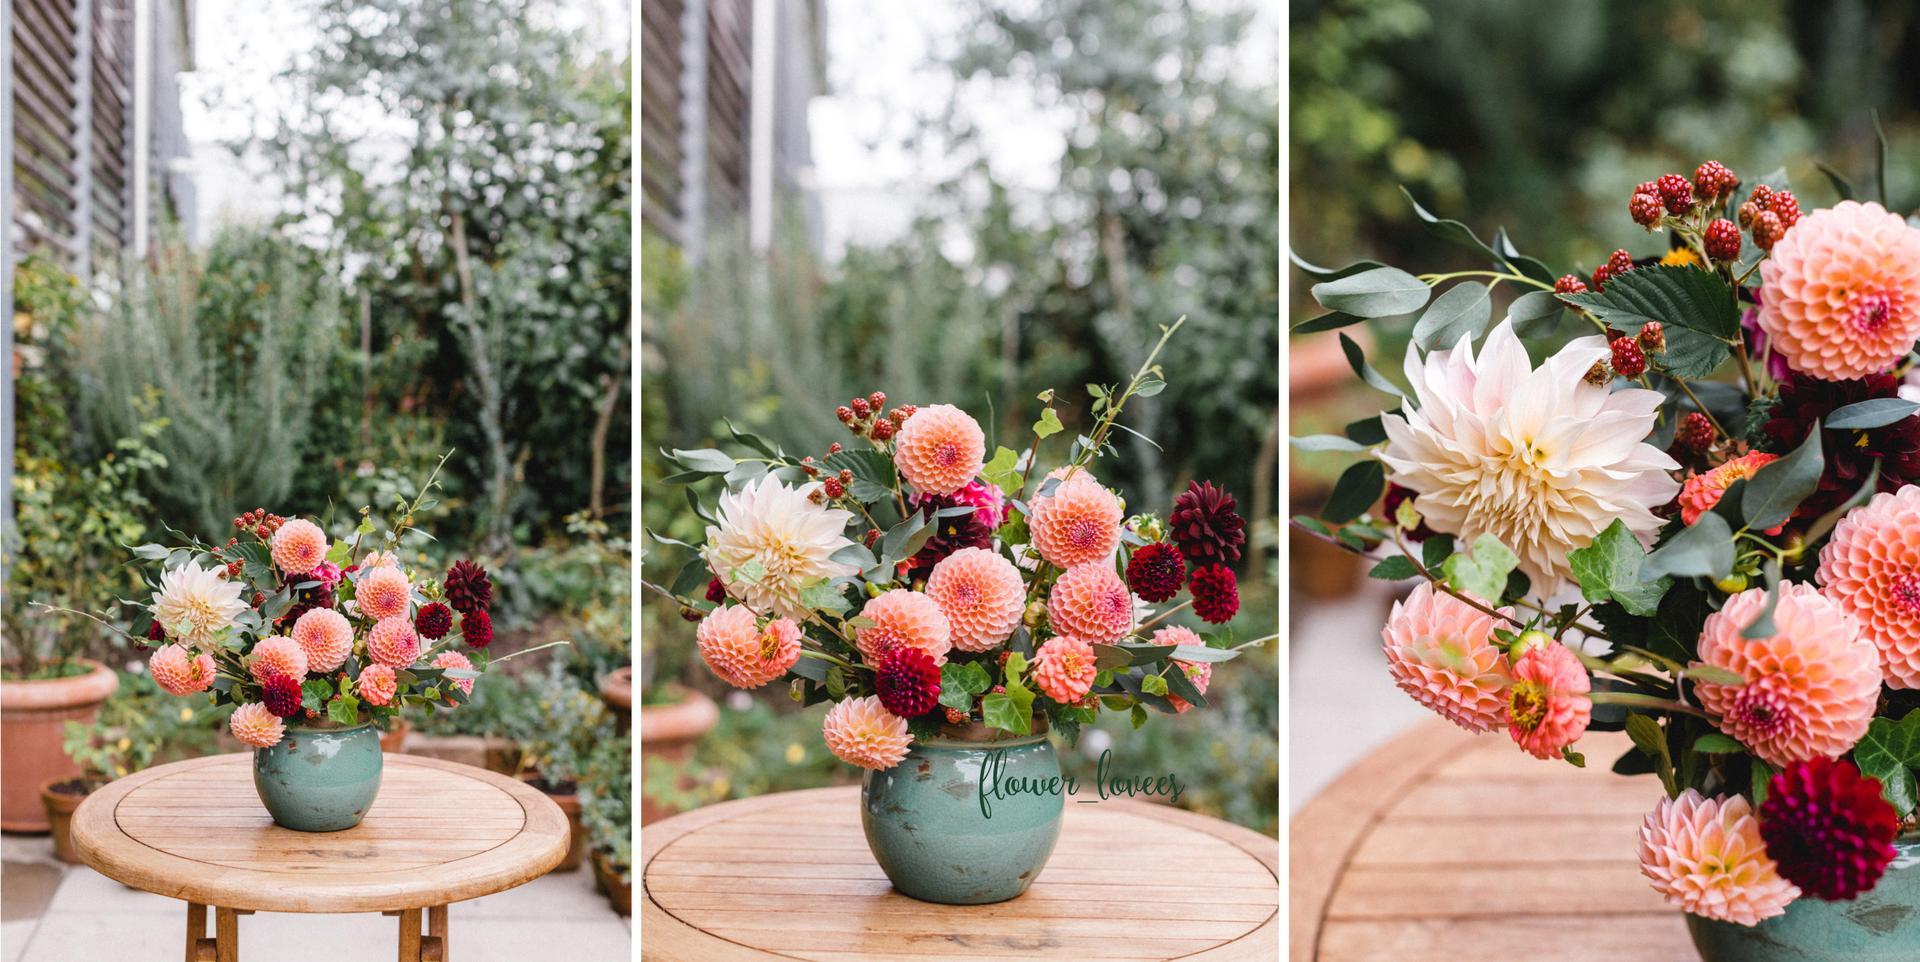 Kvetove dekoracie - Obrázok č. 11